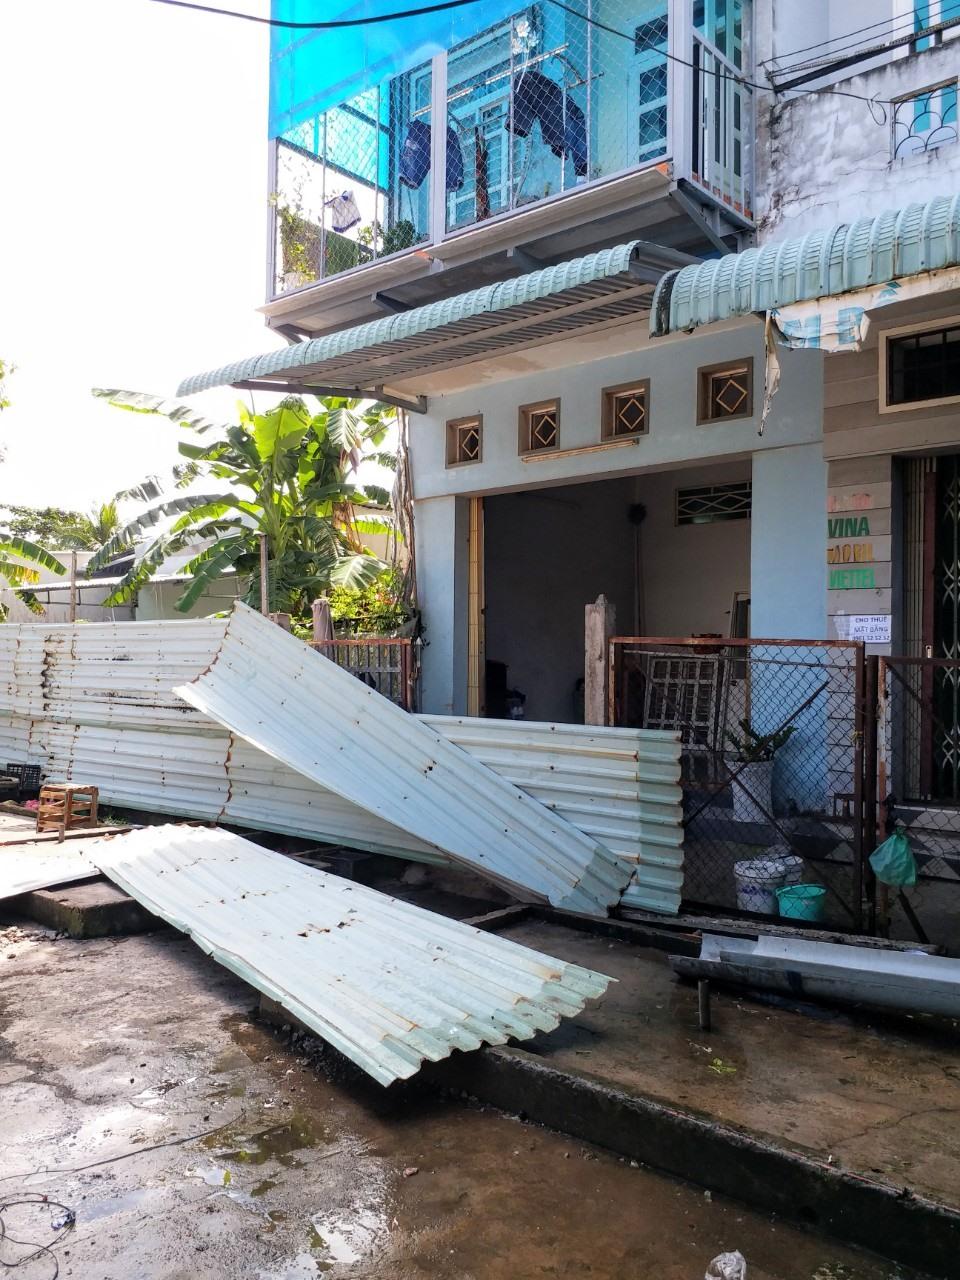 Người dân bức xúc phá hàng rào của đơn vj thi công trước nhà mình (ảnh Nhật Hồ)